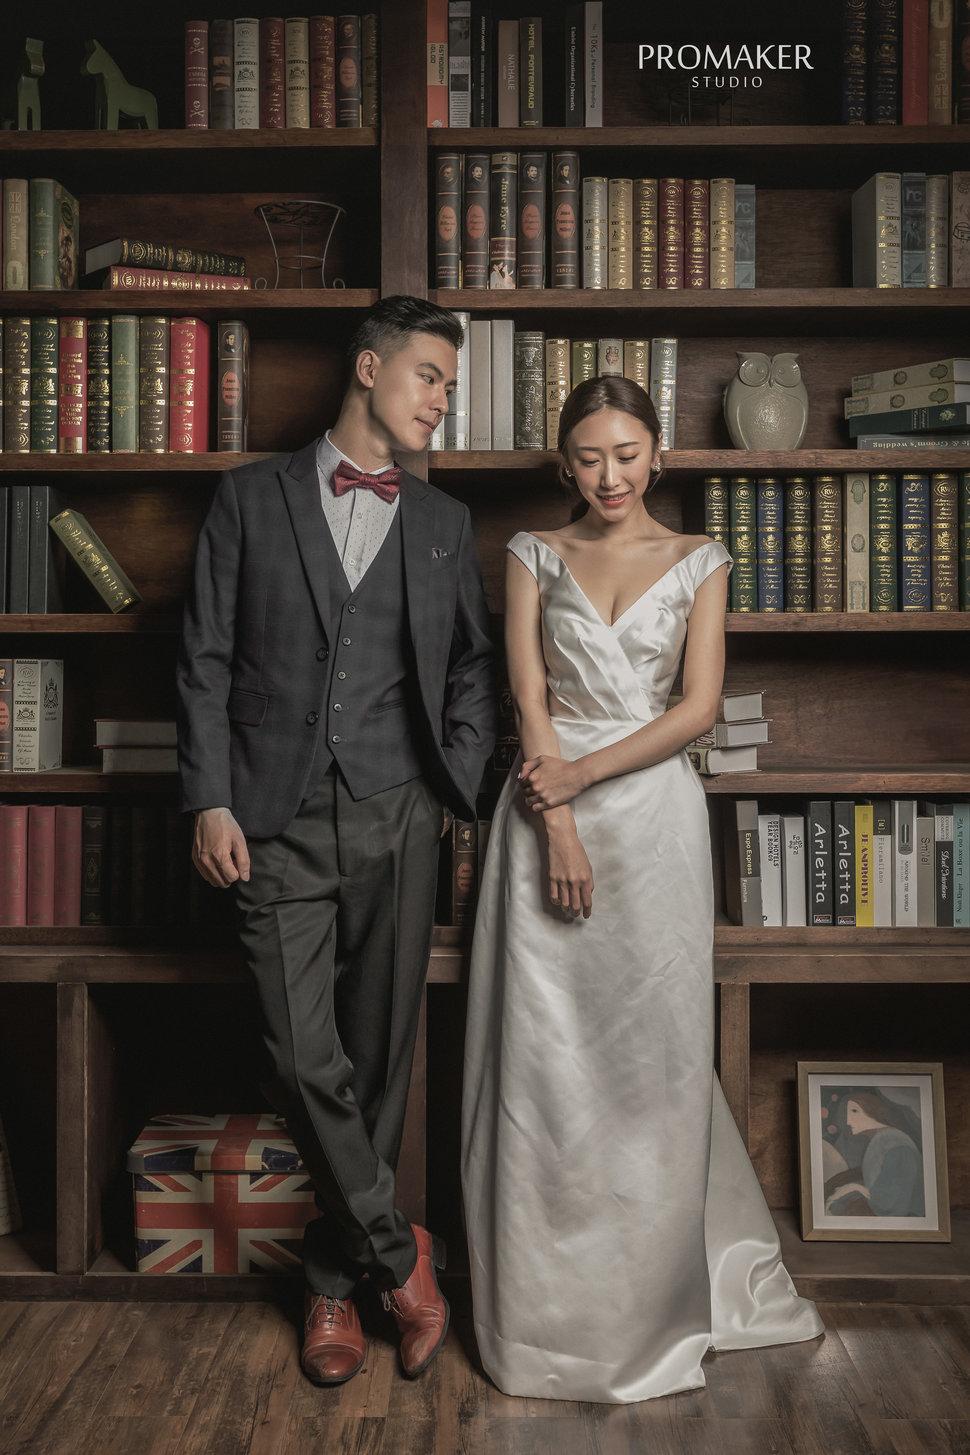 P01_0235 - Promaker婚禮紀錄攝影團隊婚攝豪哥《結婚吧》